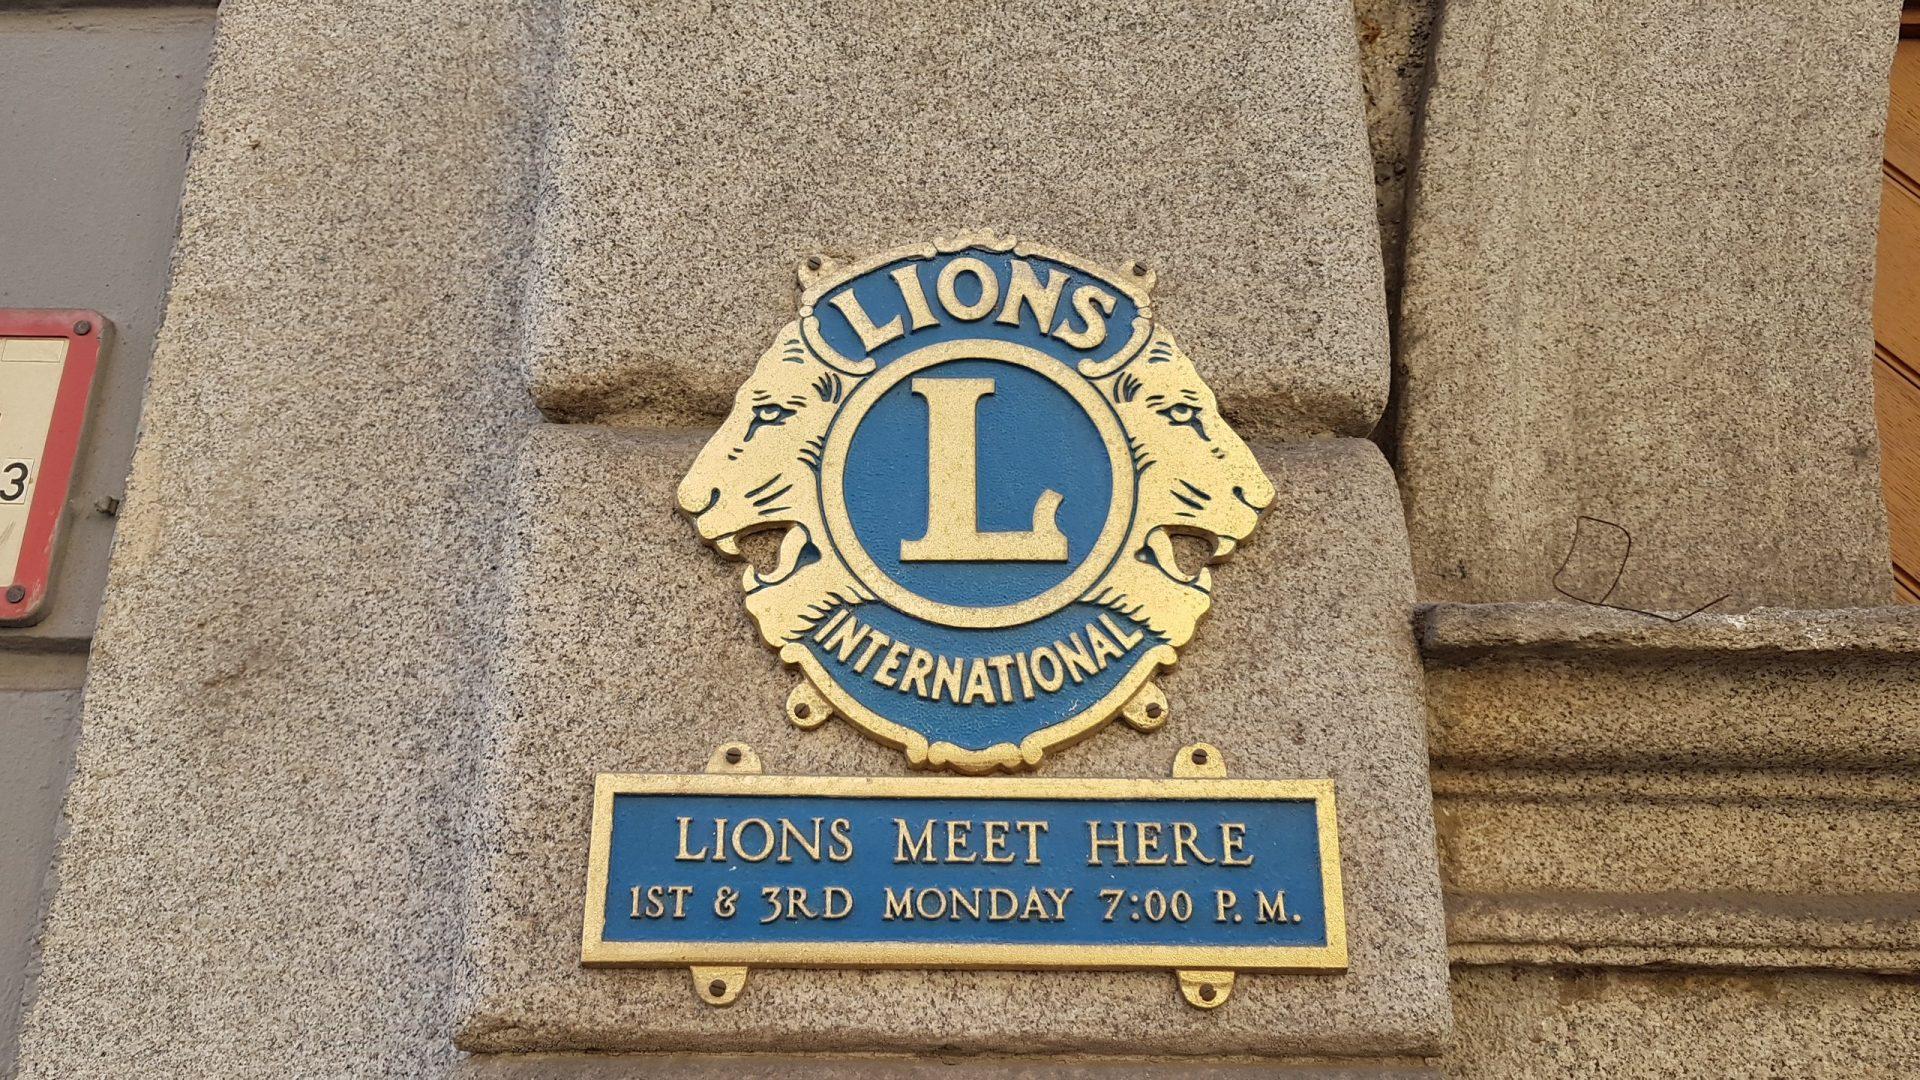 Благородные и благотворительные львы или Lions Club в Австрии.